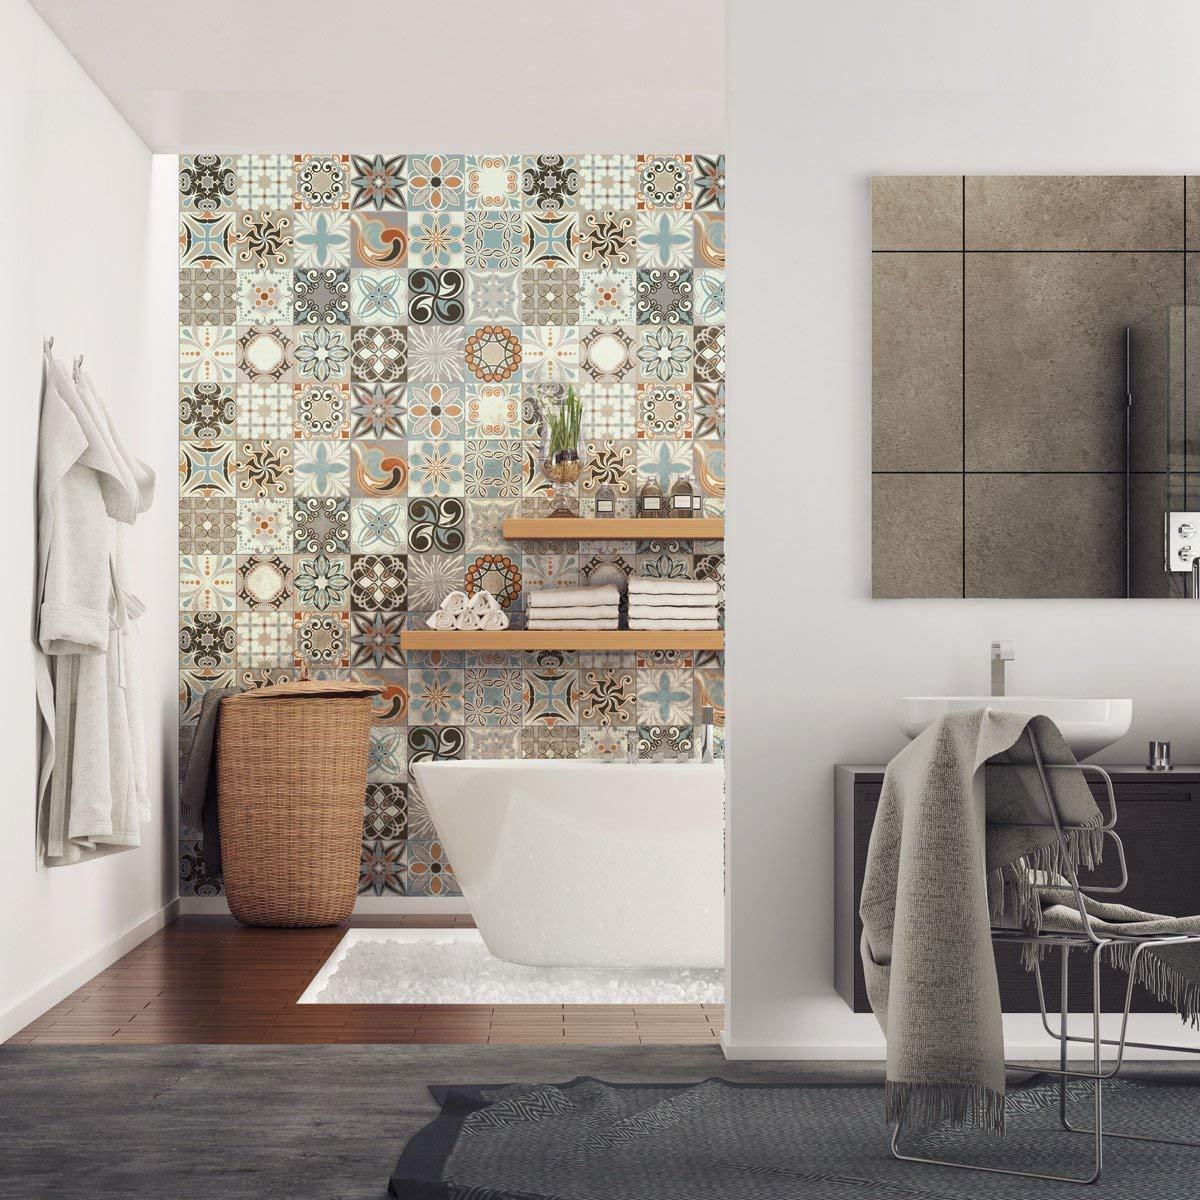 Sticker adhésifs carrelages  Sticker Autocollant Carreaux de Ciment -  Mosaïque carrelage mural salle de Bain et Cuisine  Carreaux de Ciment  Adhésif